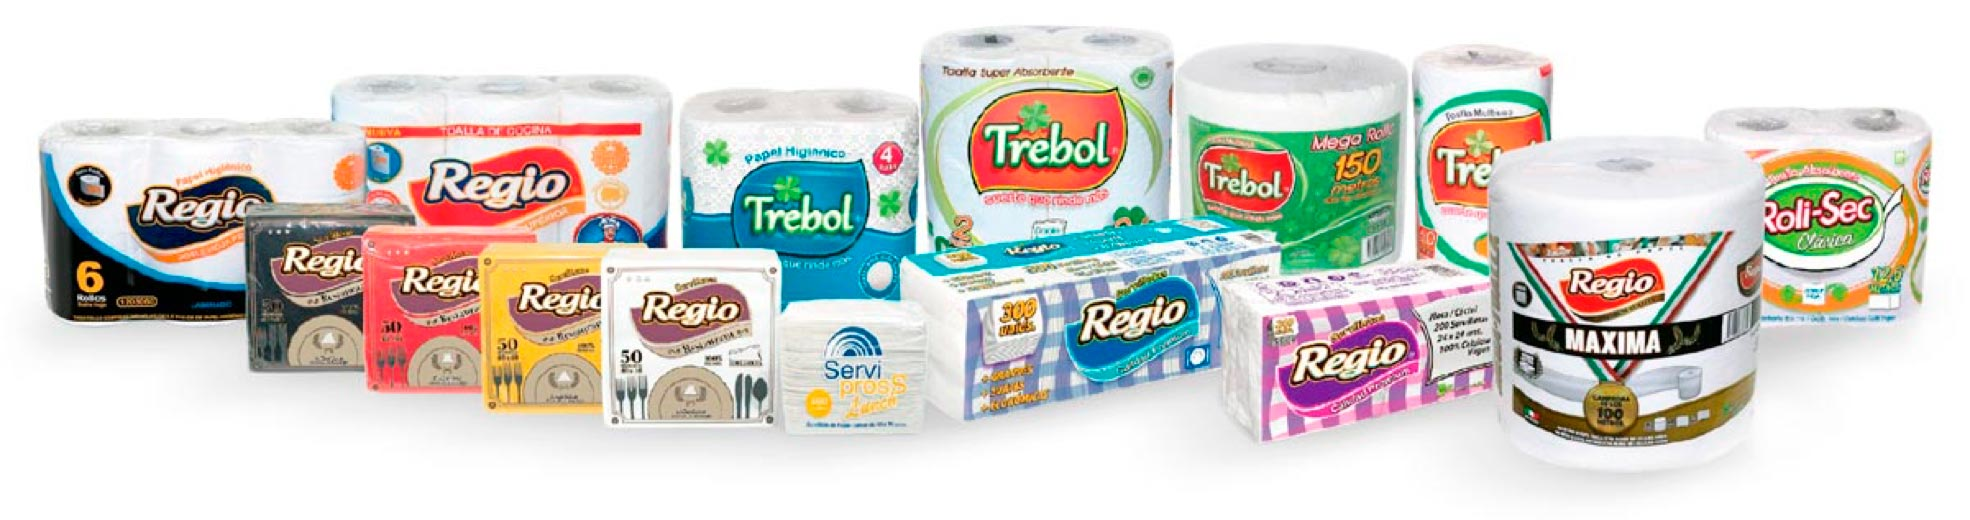 imagen de productos